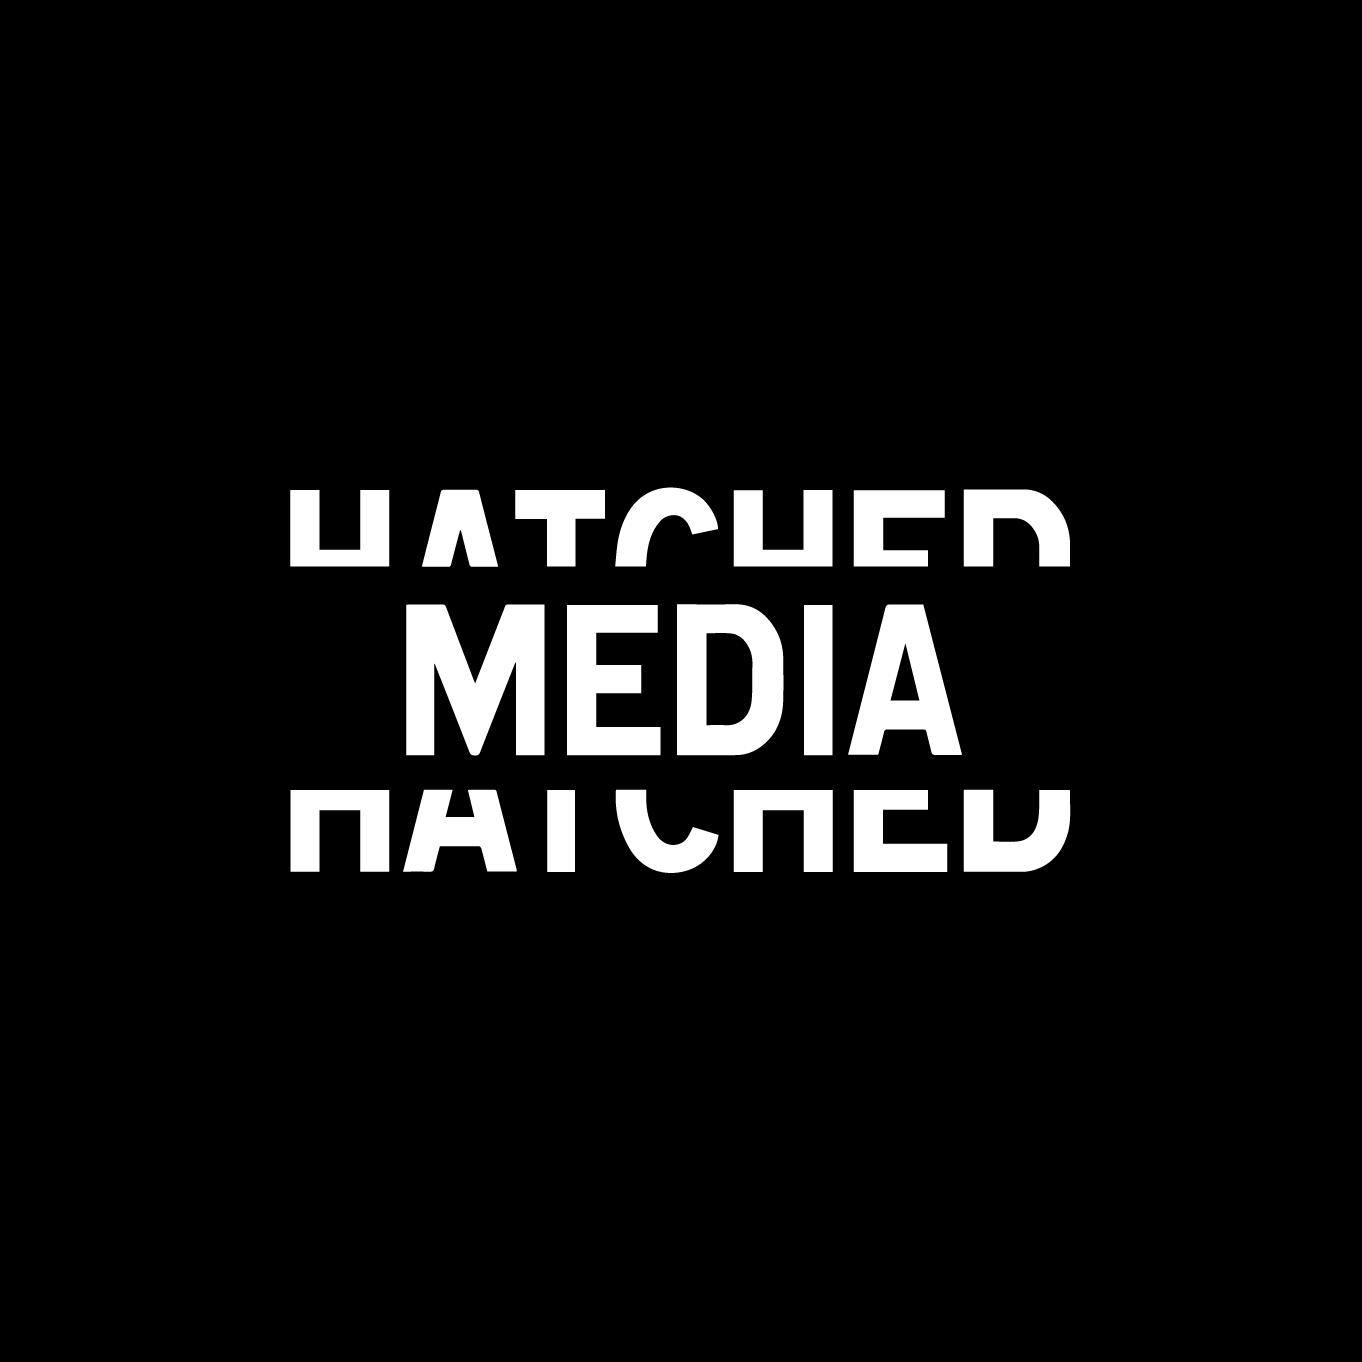 Hatched Media